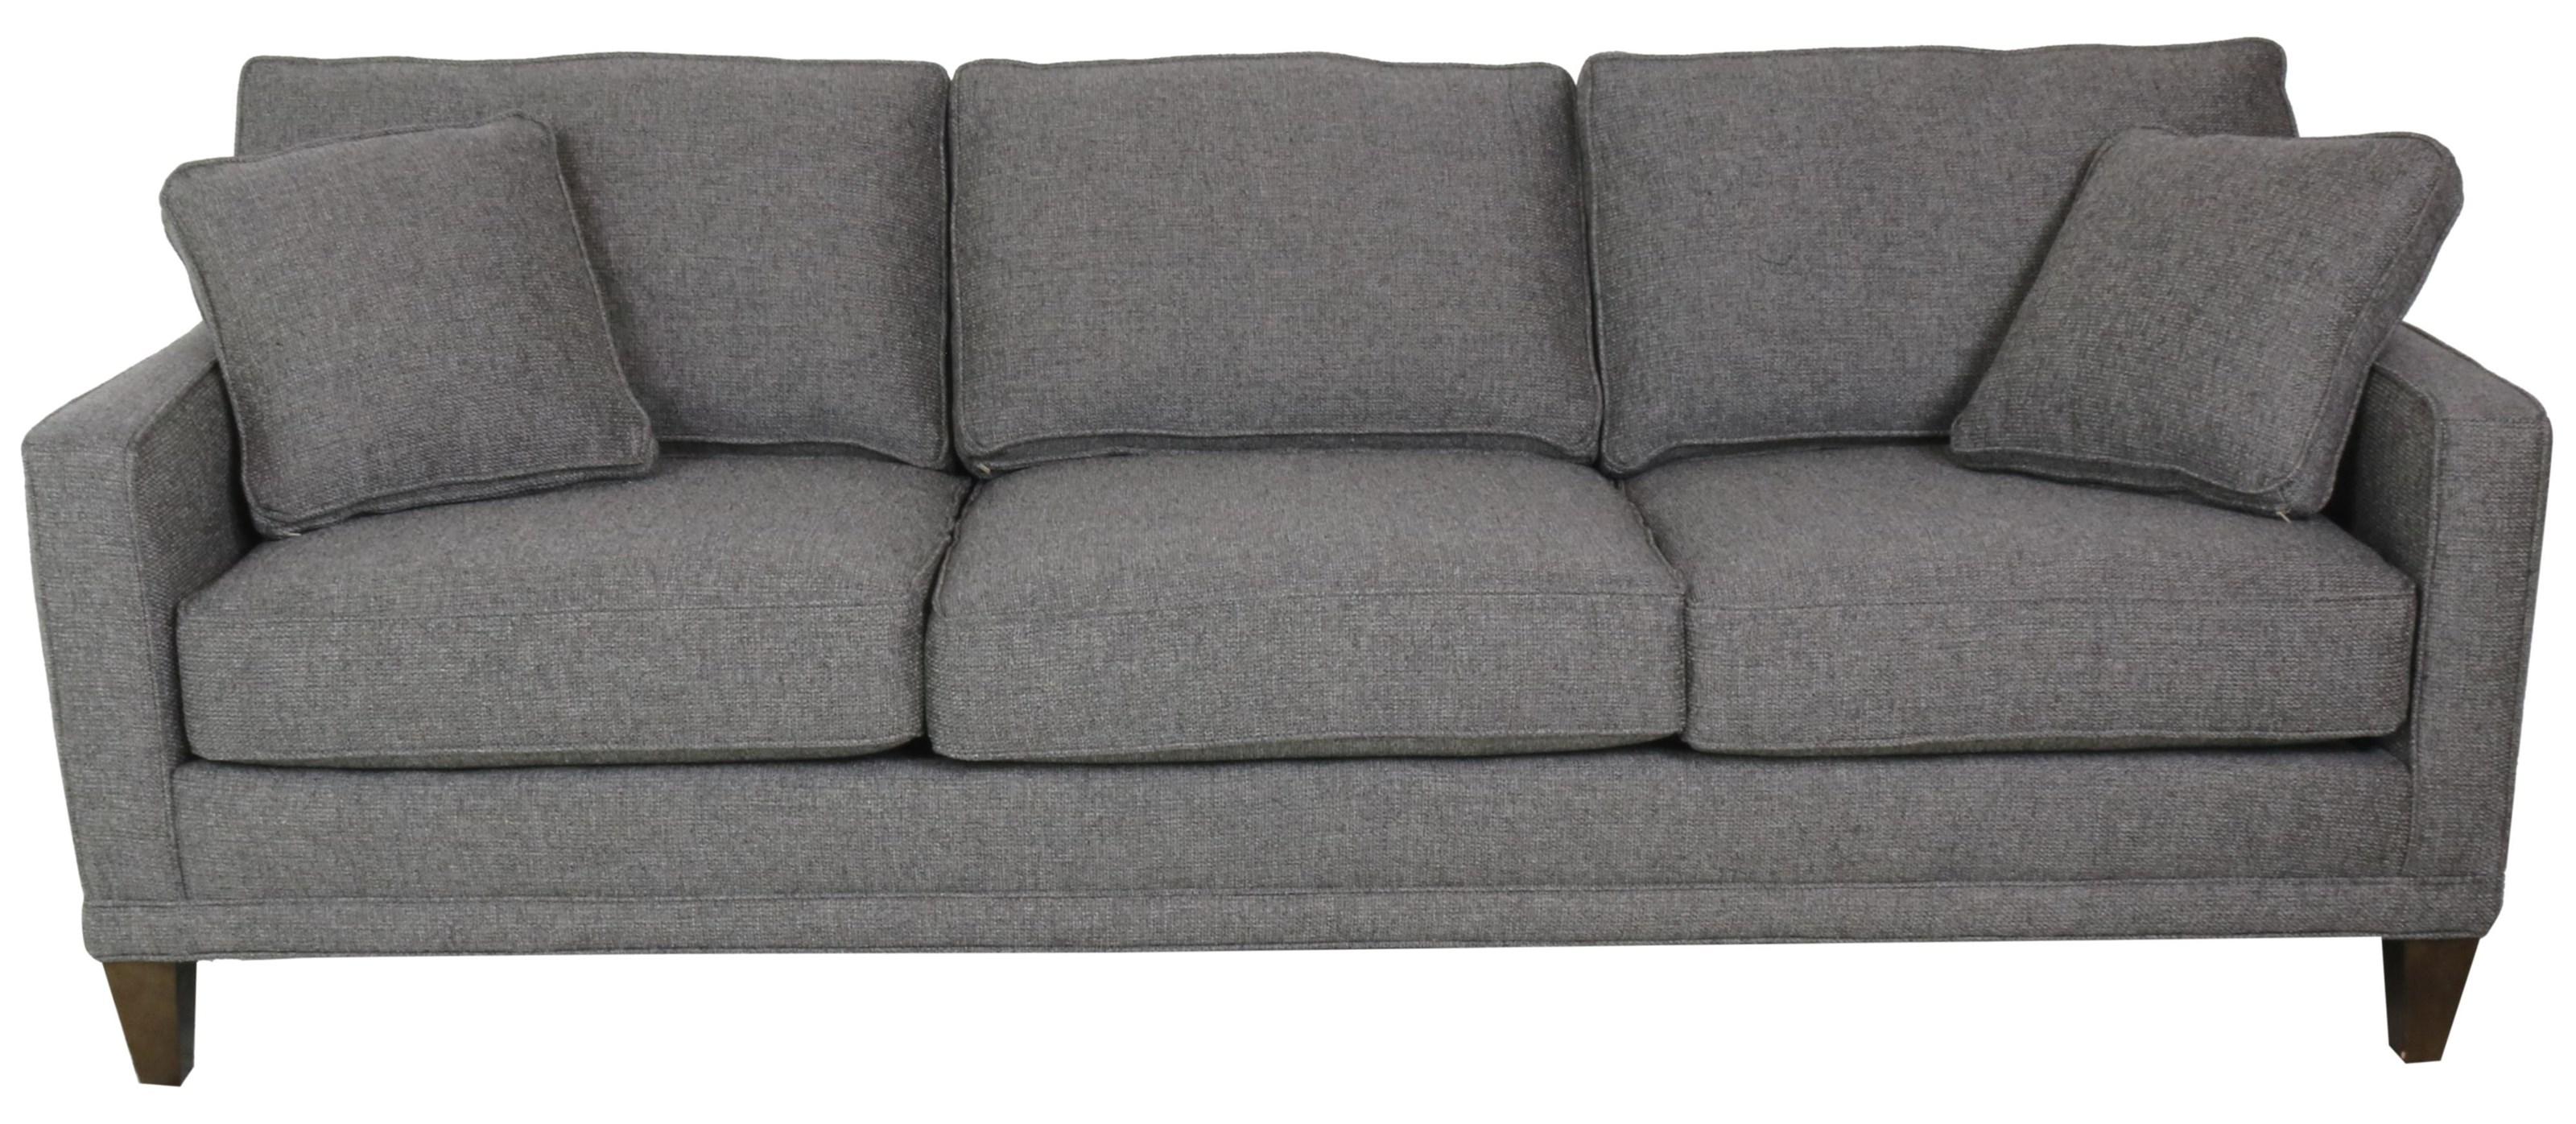 Townsend 3-Cushion Sofa by Rowe at Sprintz Furniture